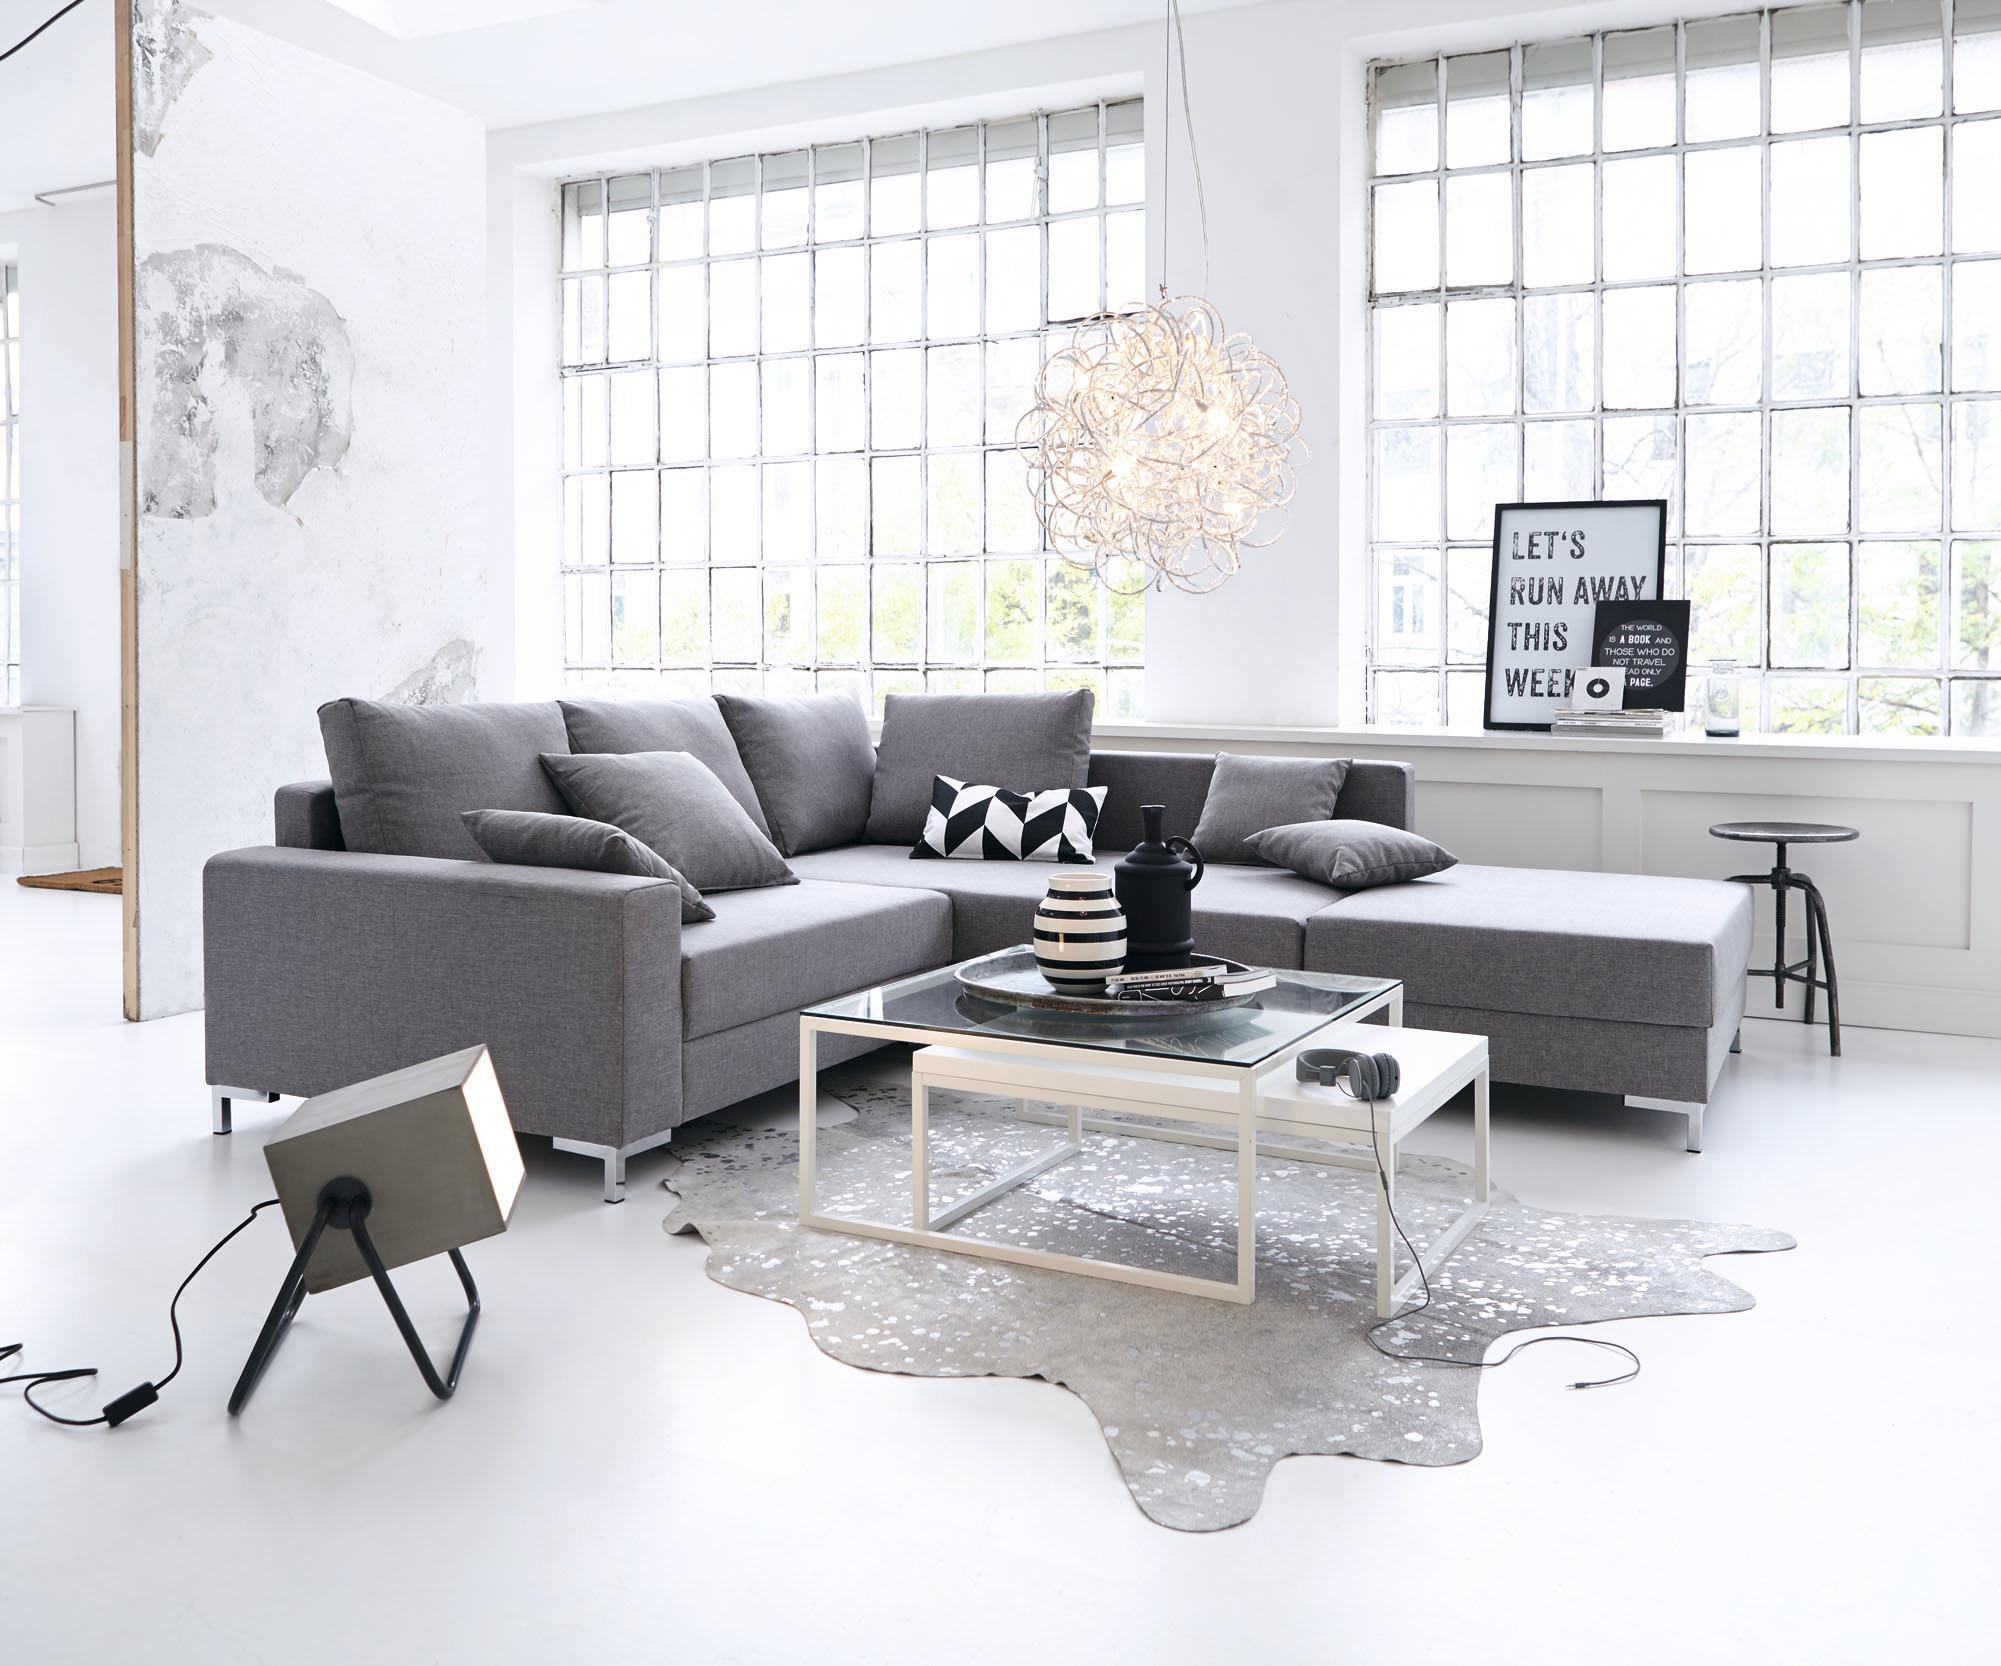 Wohnzimmer In Grau Und Weiß #couchtisch #hocker #pendelleuchte #sofa  #grauessofa #